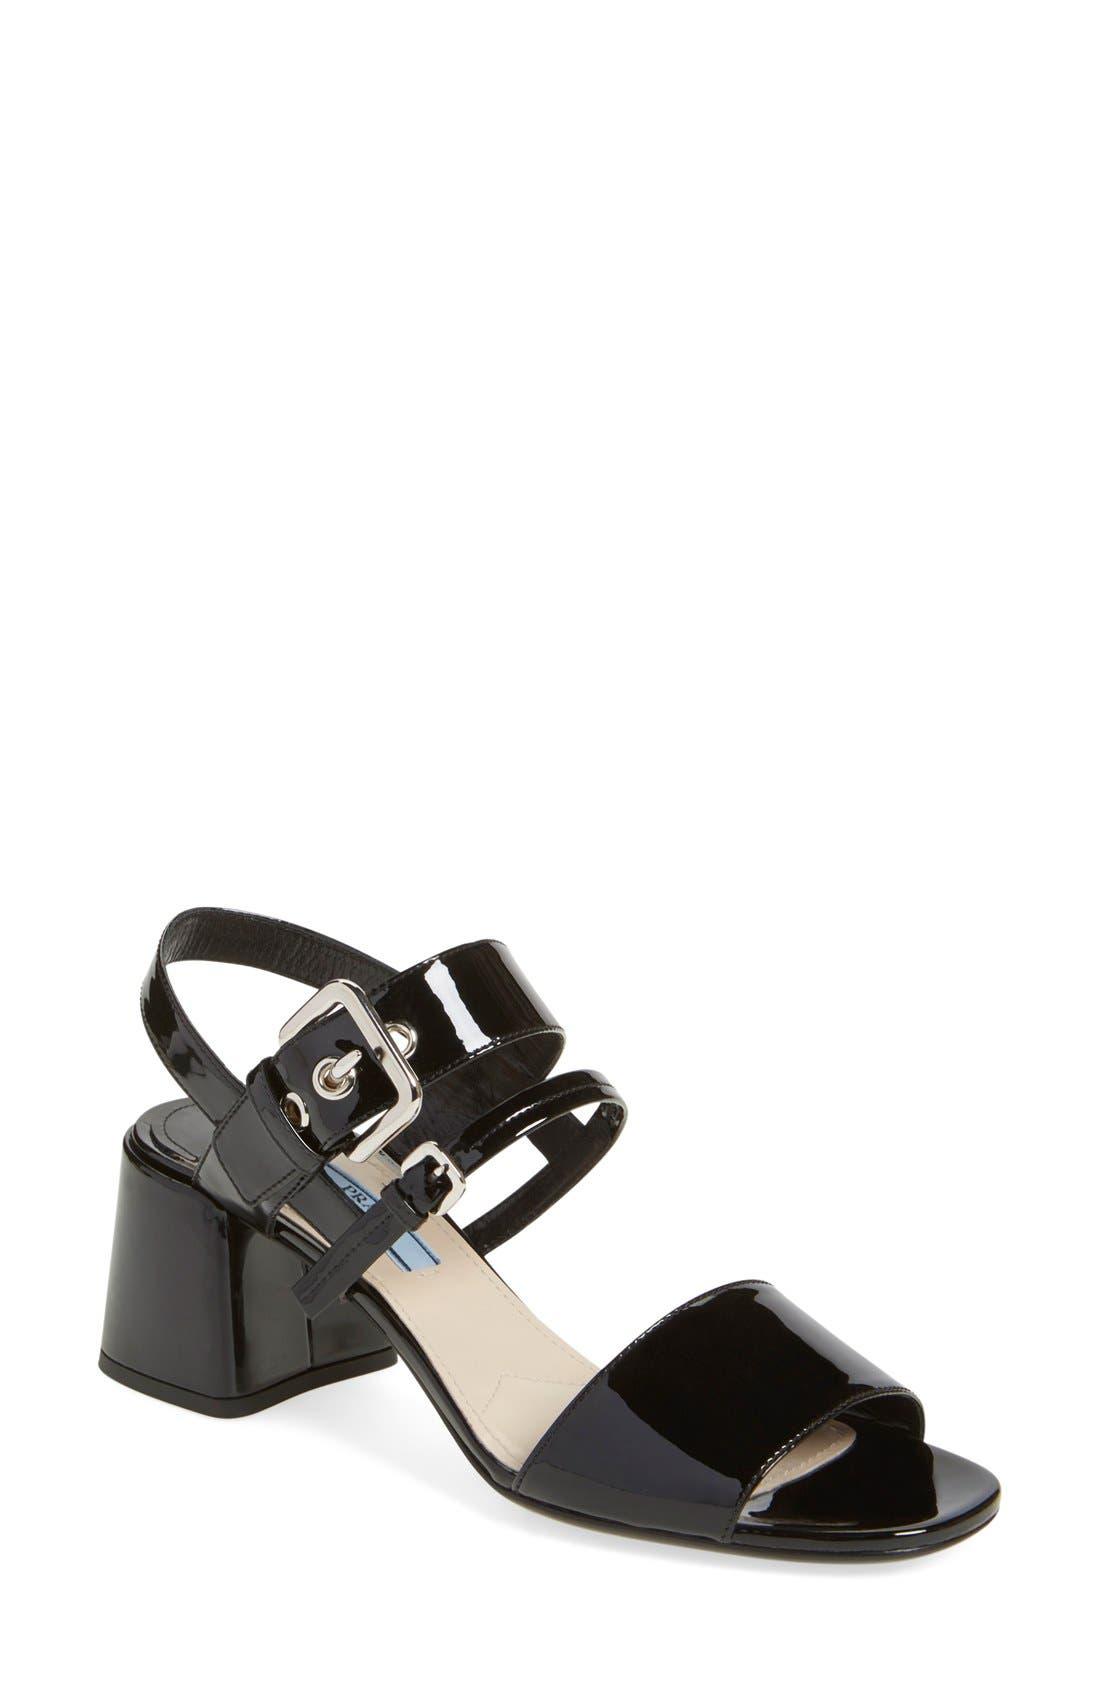 Main Image - Prada Block Heel Sandal (Women)